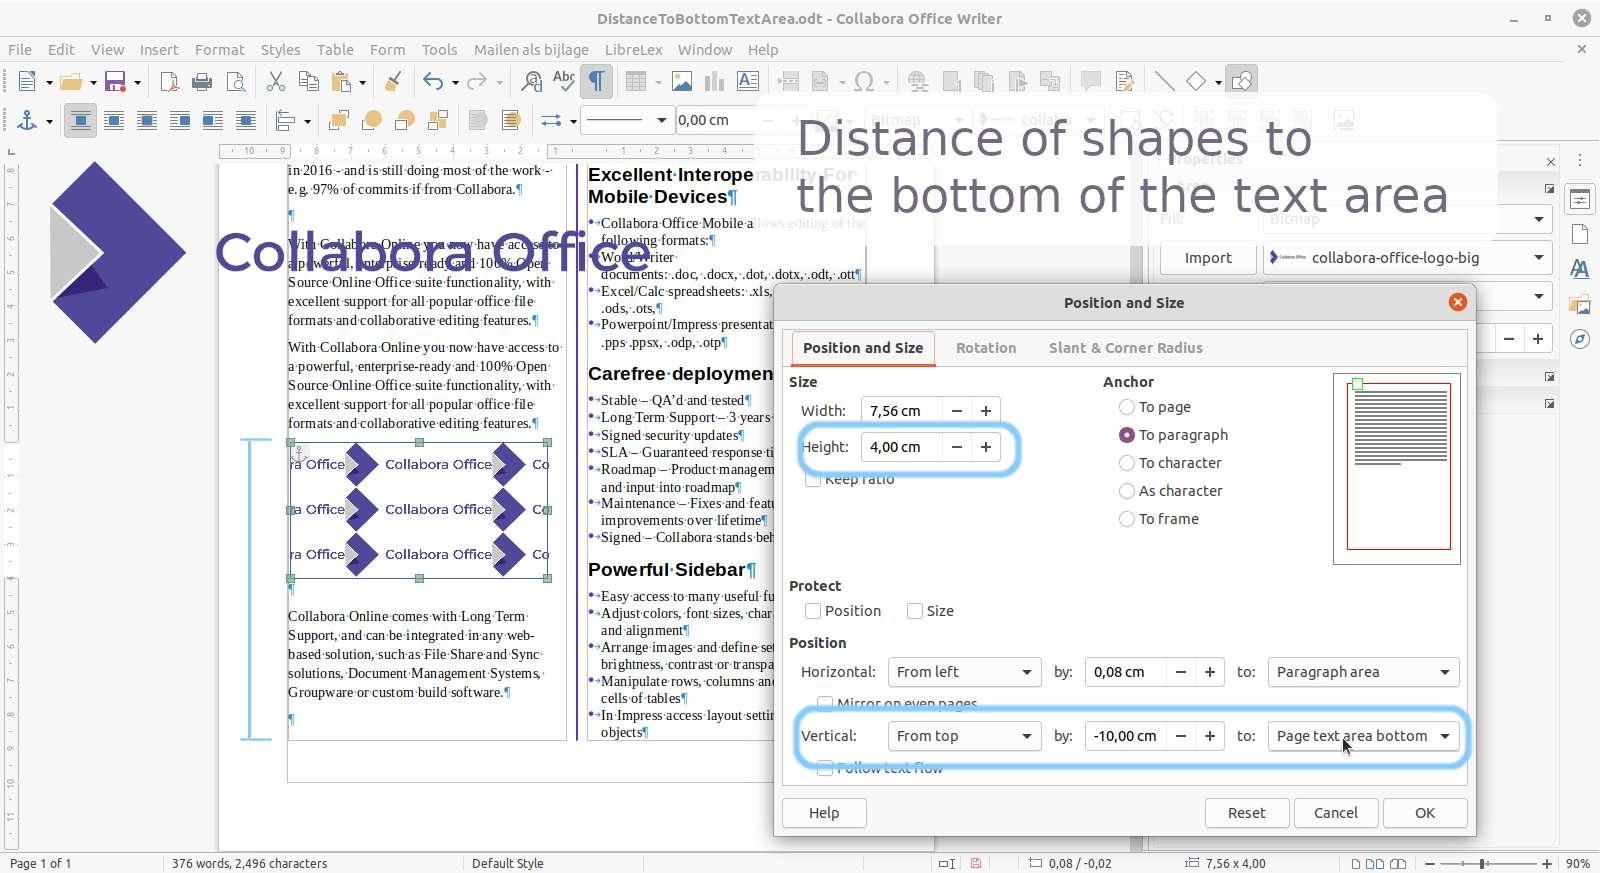 establecer una distancia de las formas con respecto a la parte inferior de la página en Collabora Office 6.4